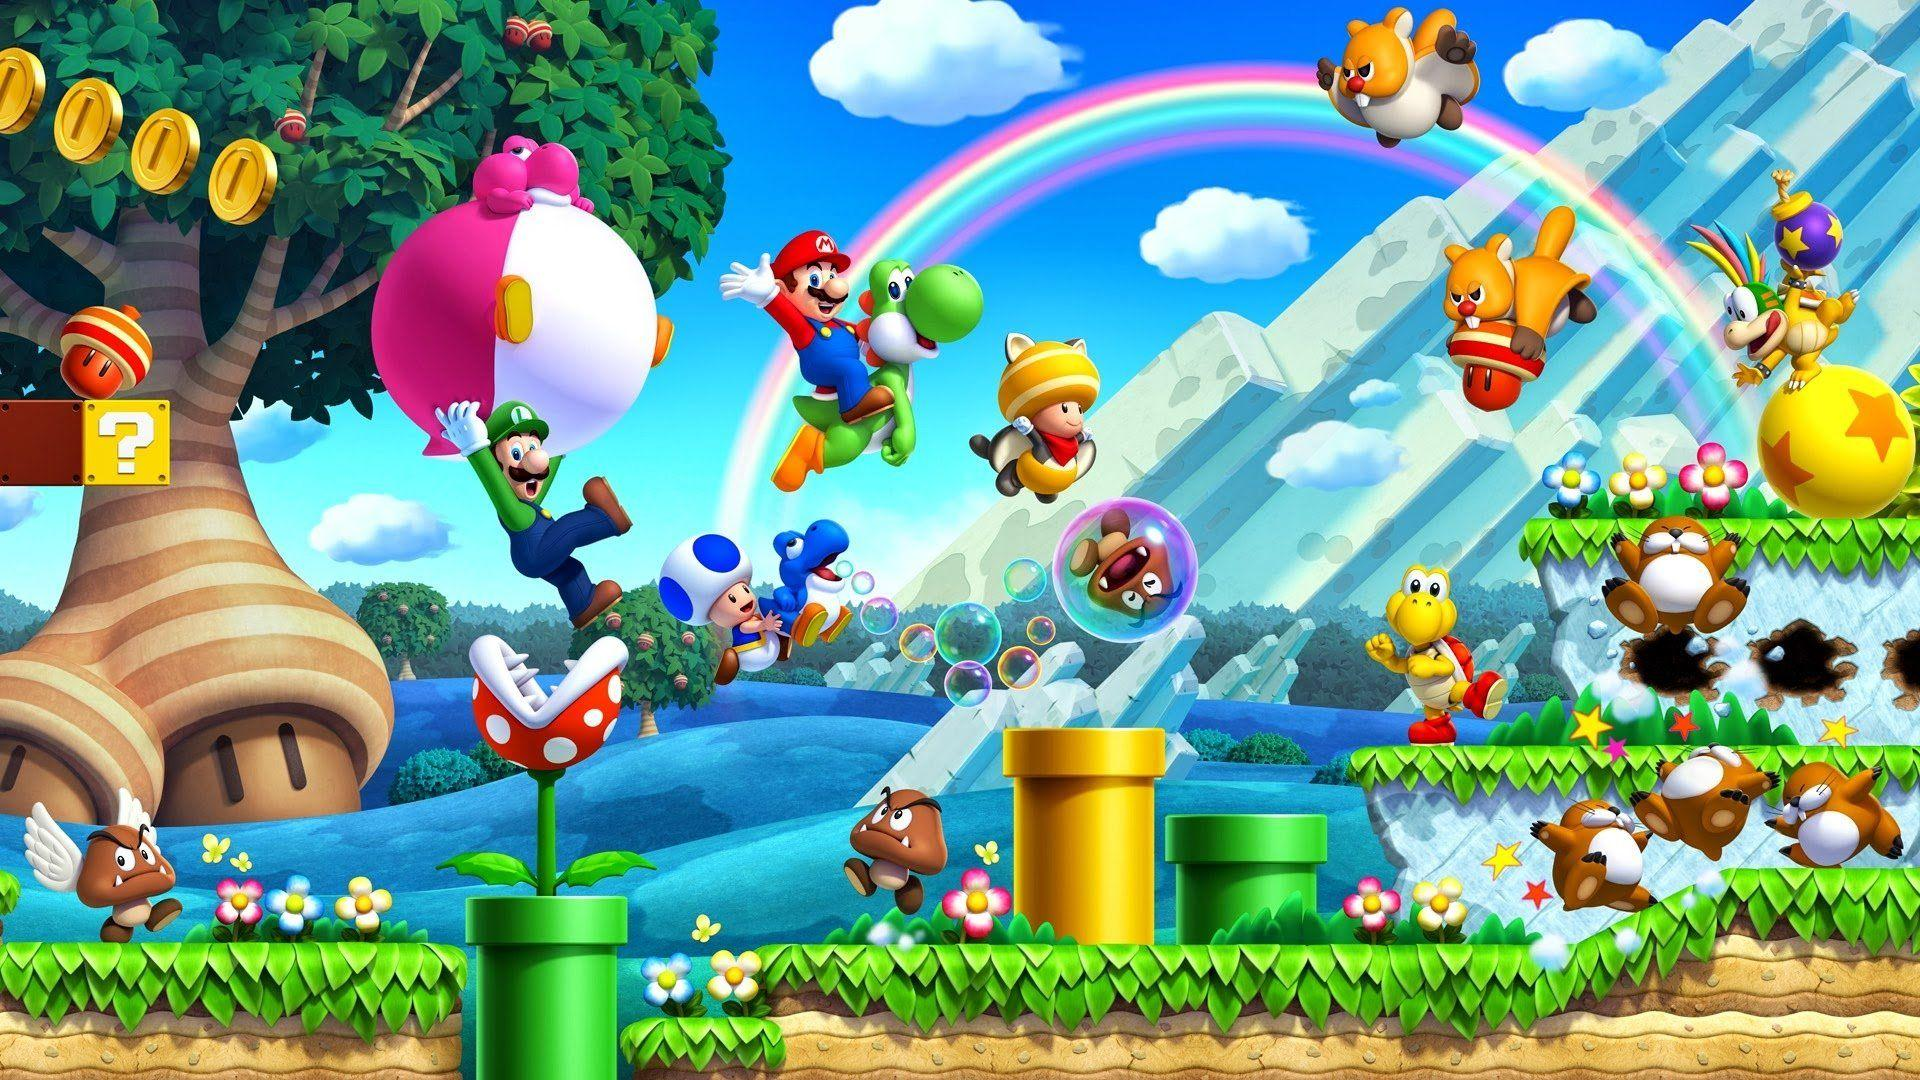 Super Mario Bros. Wallpapers